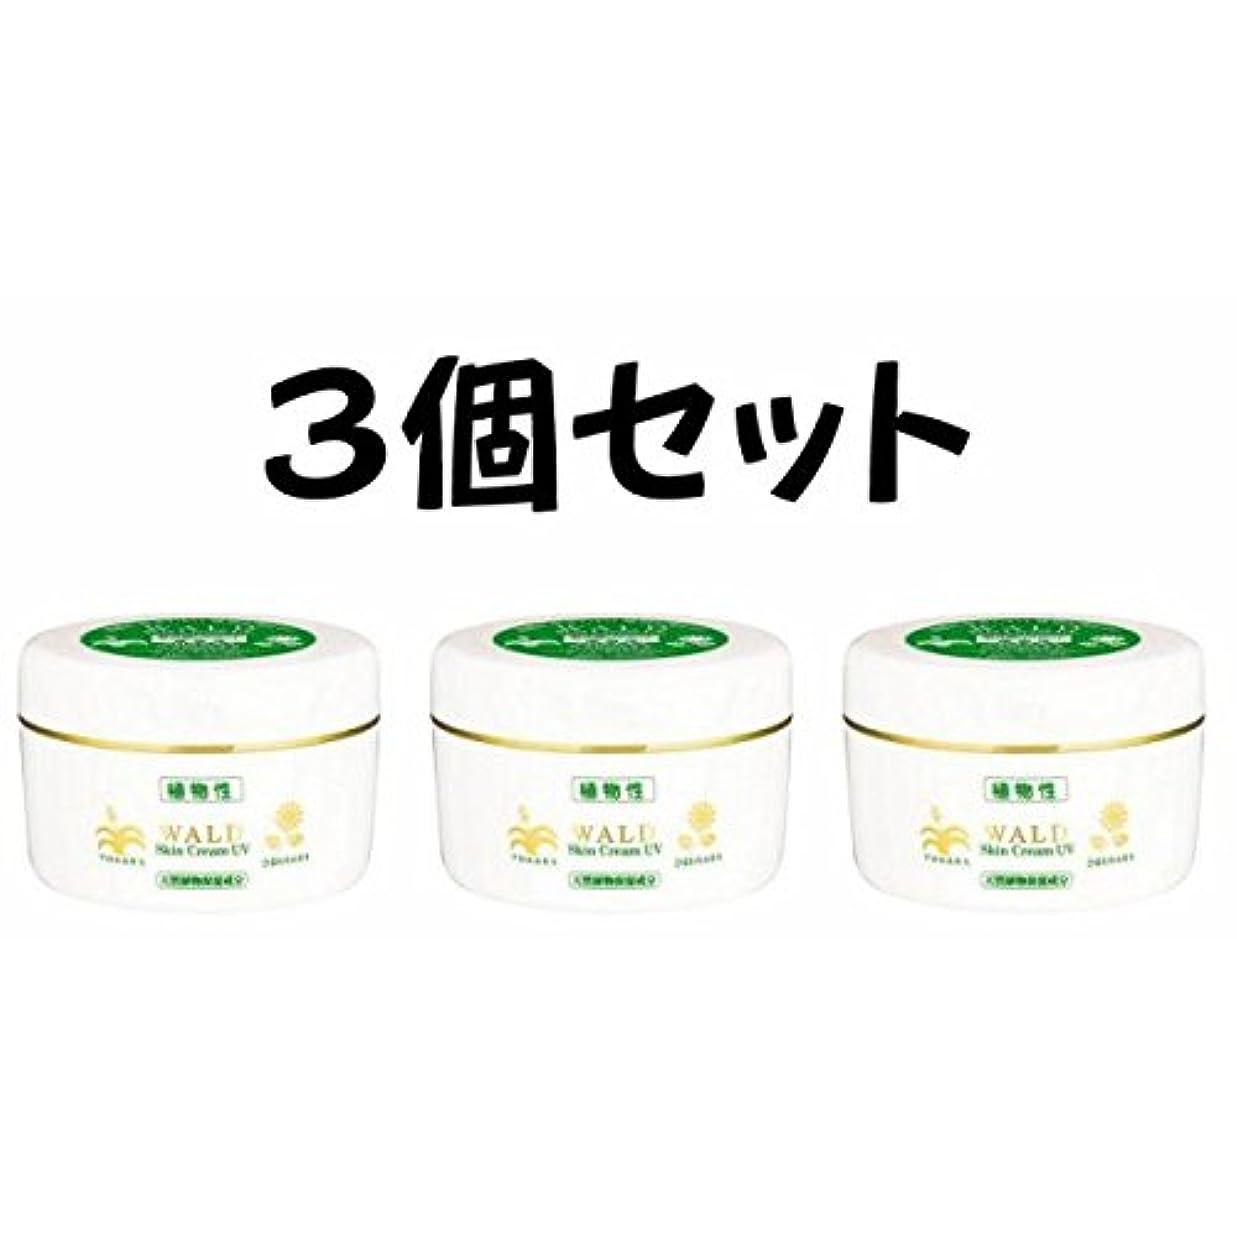 ケーブル刺激する掘る新 ヴァルトスキンクリーム UV (WALD Skin Cream UV) 220g (3)